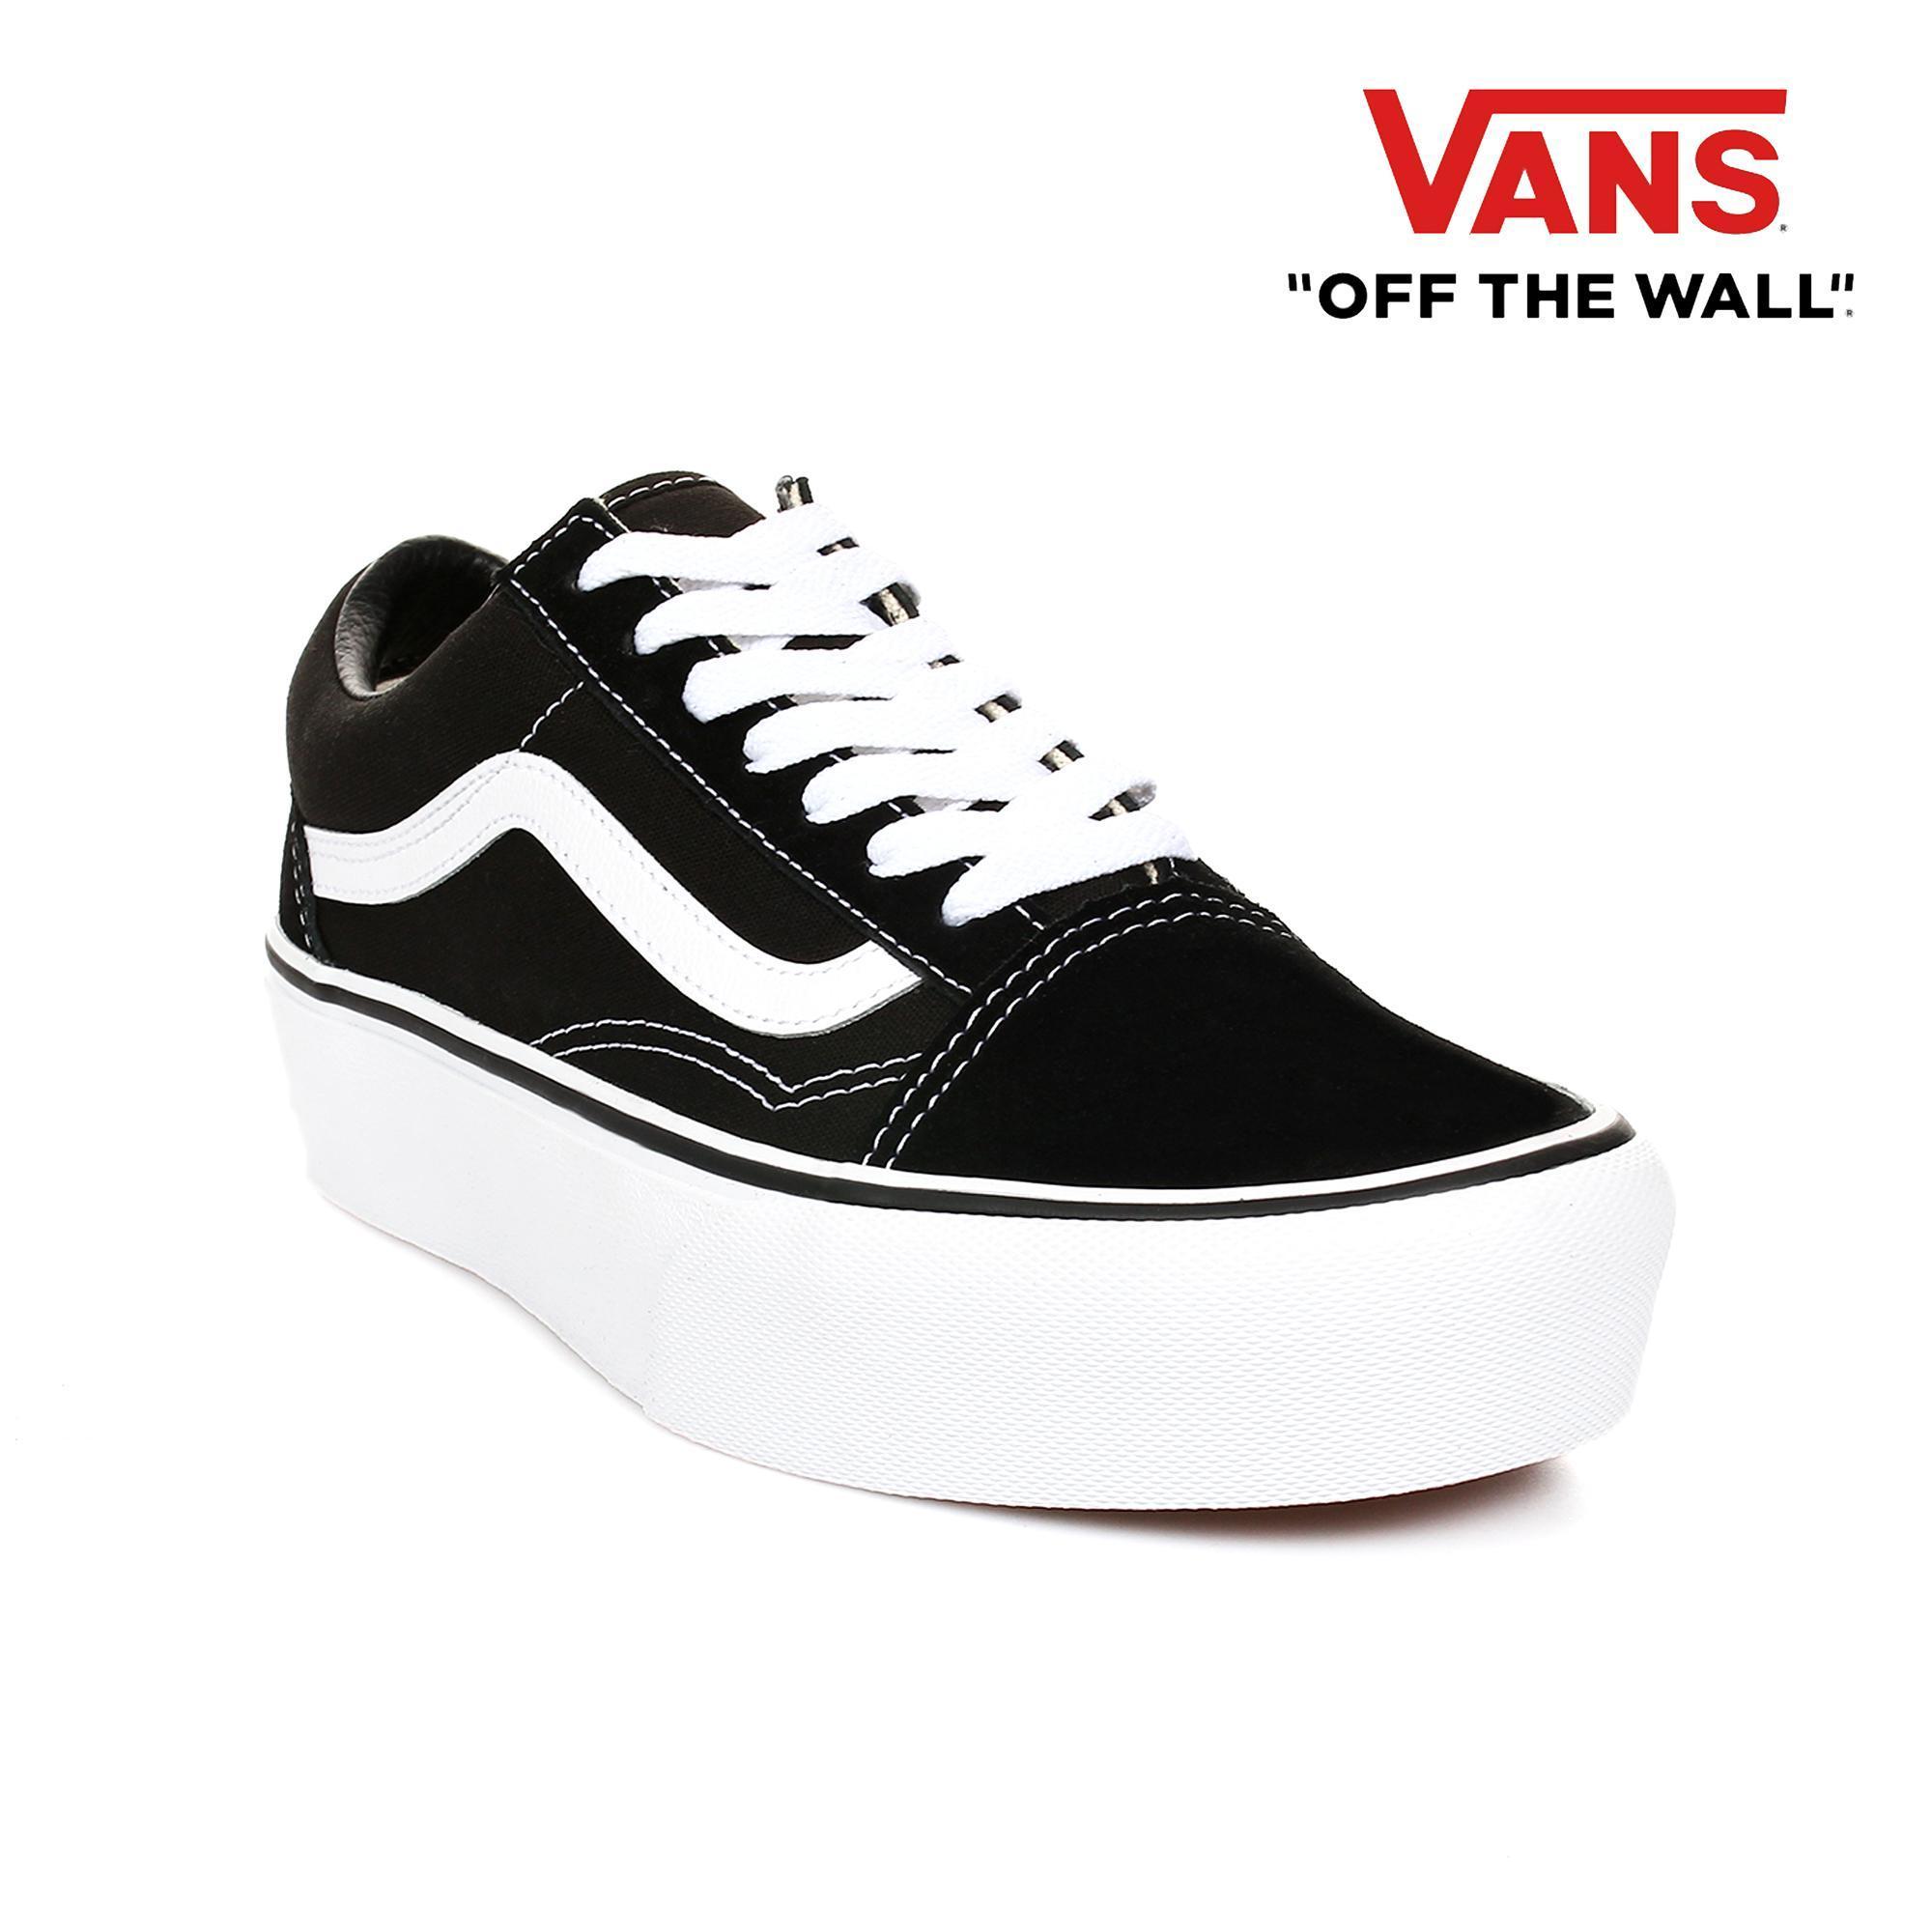 Vans Shoes for Men Philippines - Vans